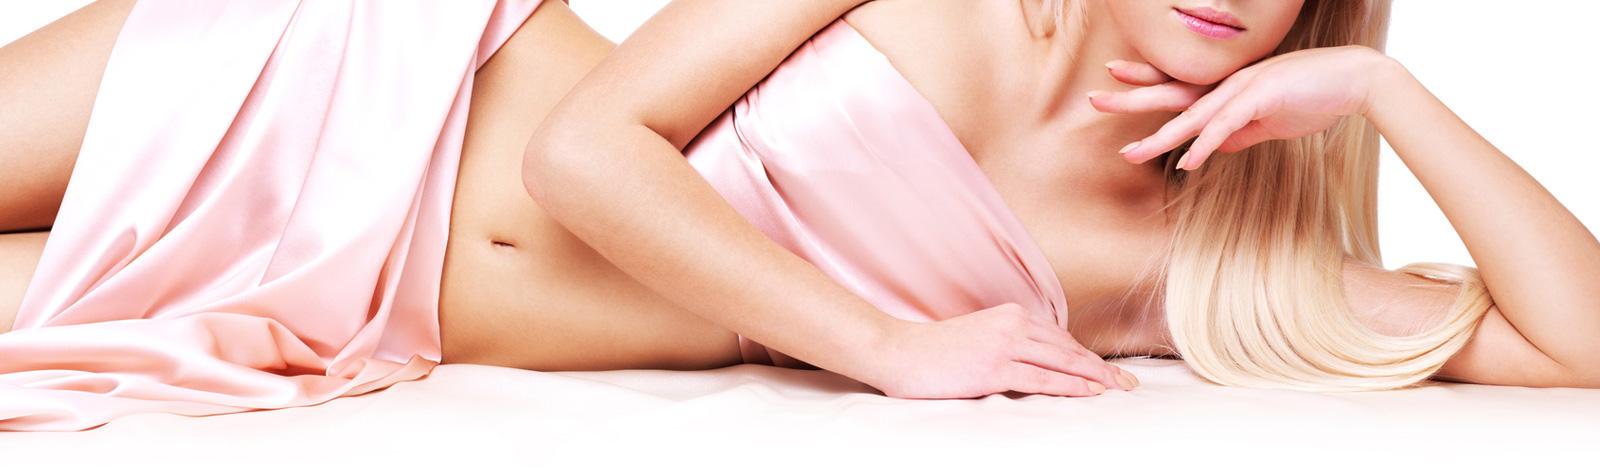 Chirurgia plastyczna – zabiegi które mają wpływ na Twoje zdrowie?